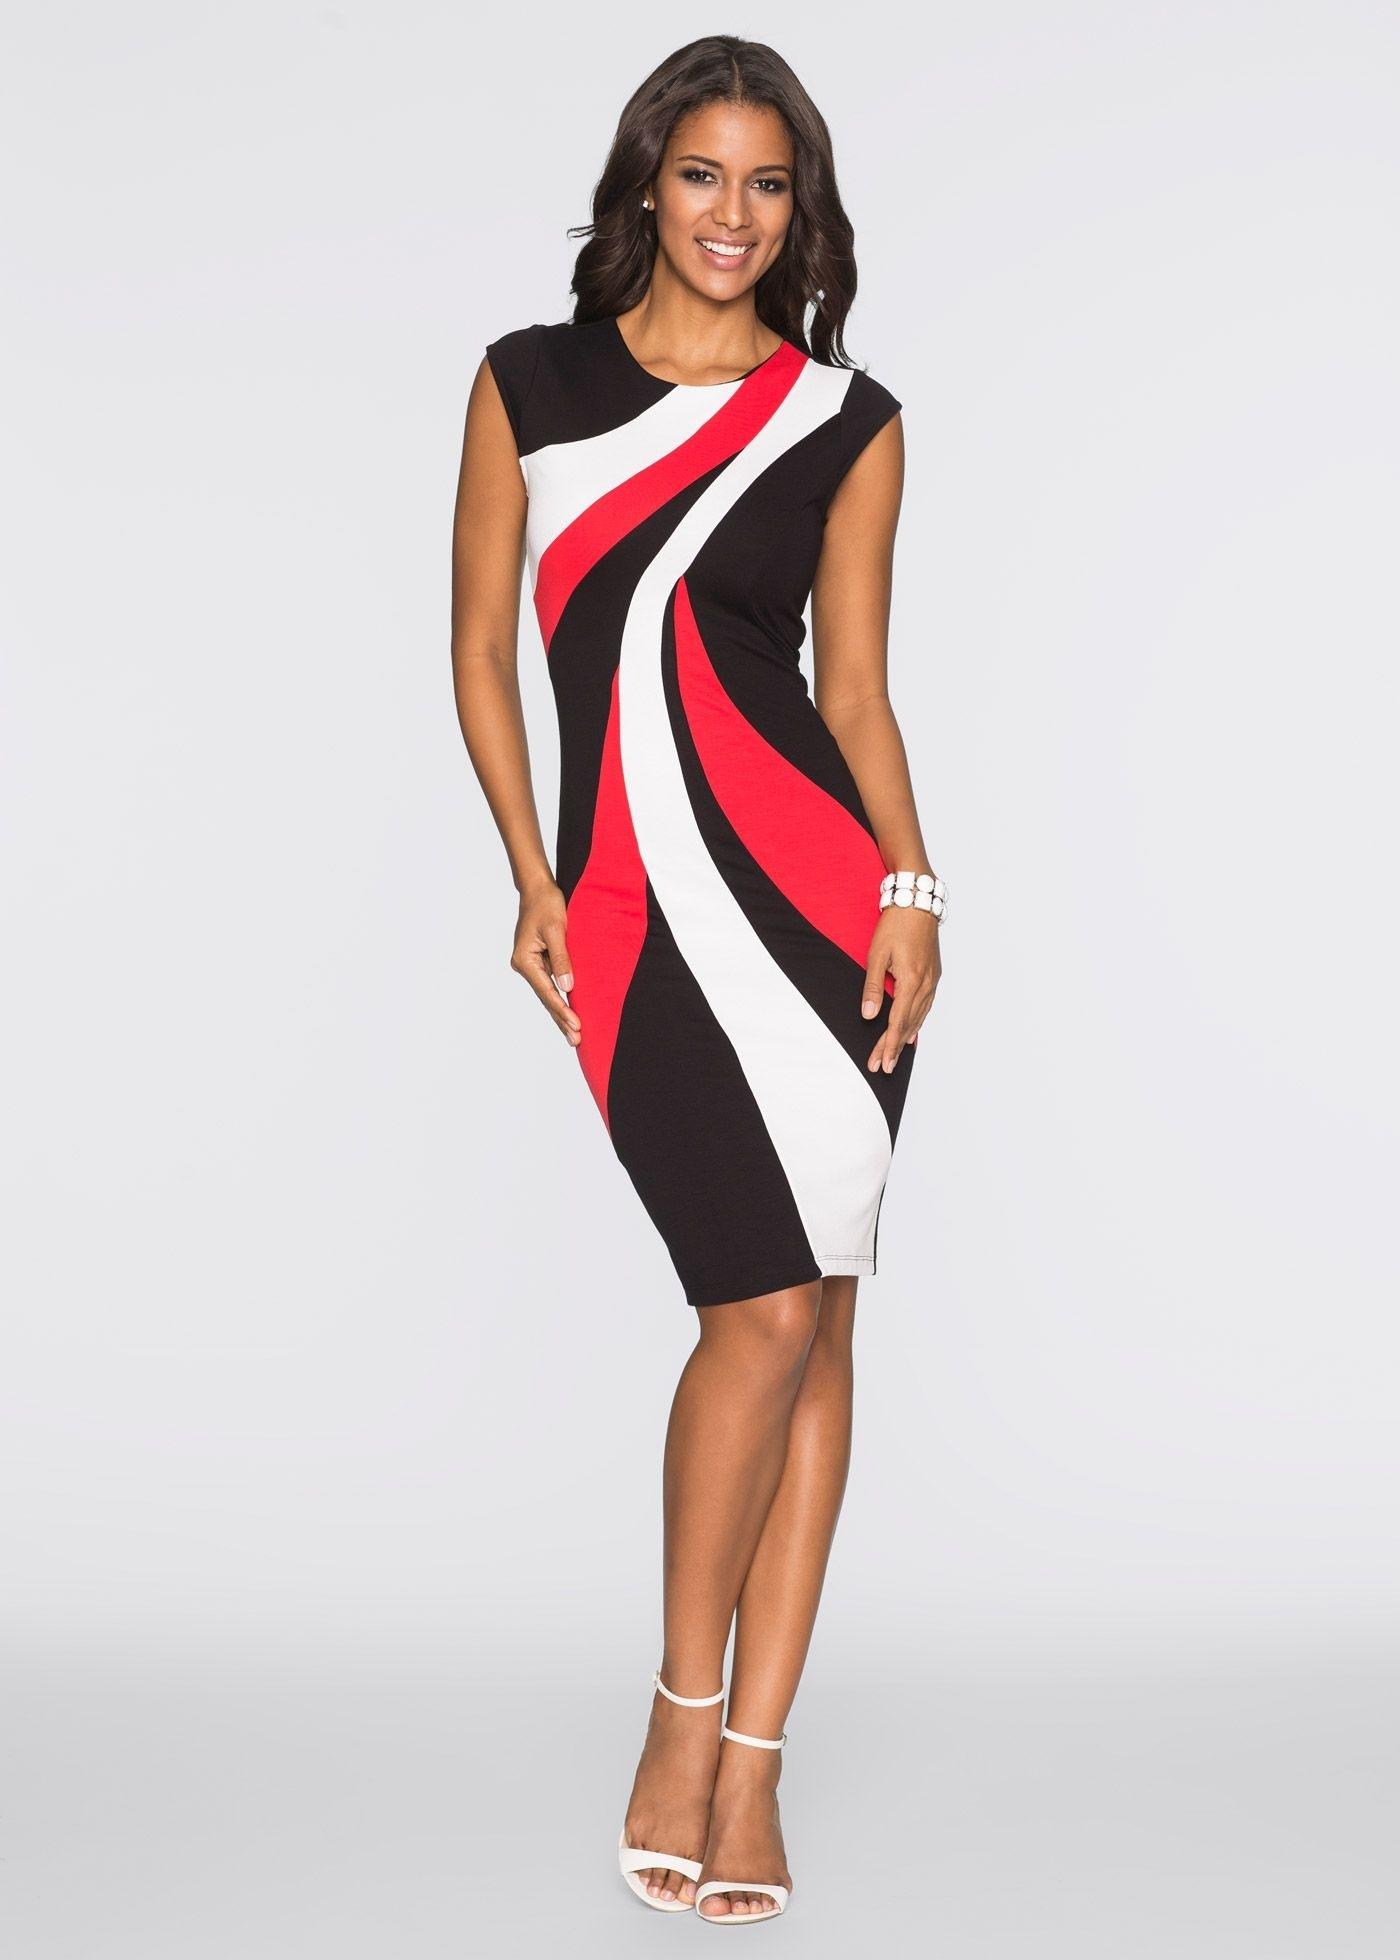 Abend Schön Rot Weißes Kleid SpezialgebietAbend Großartig Rot Weißes Kleid Bester Preis